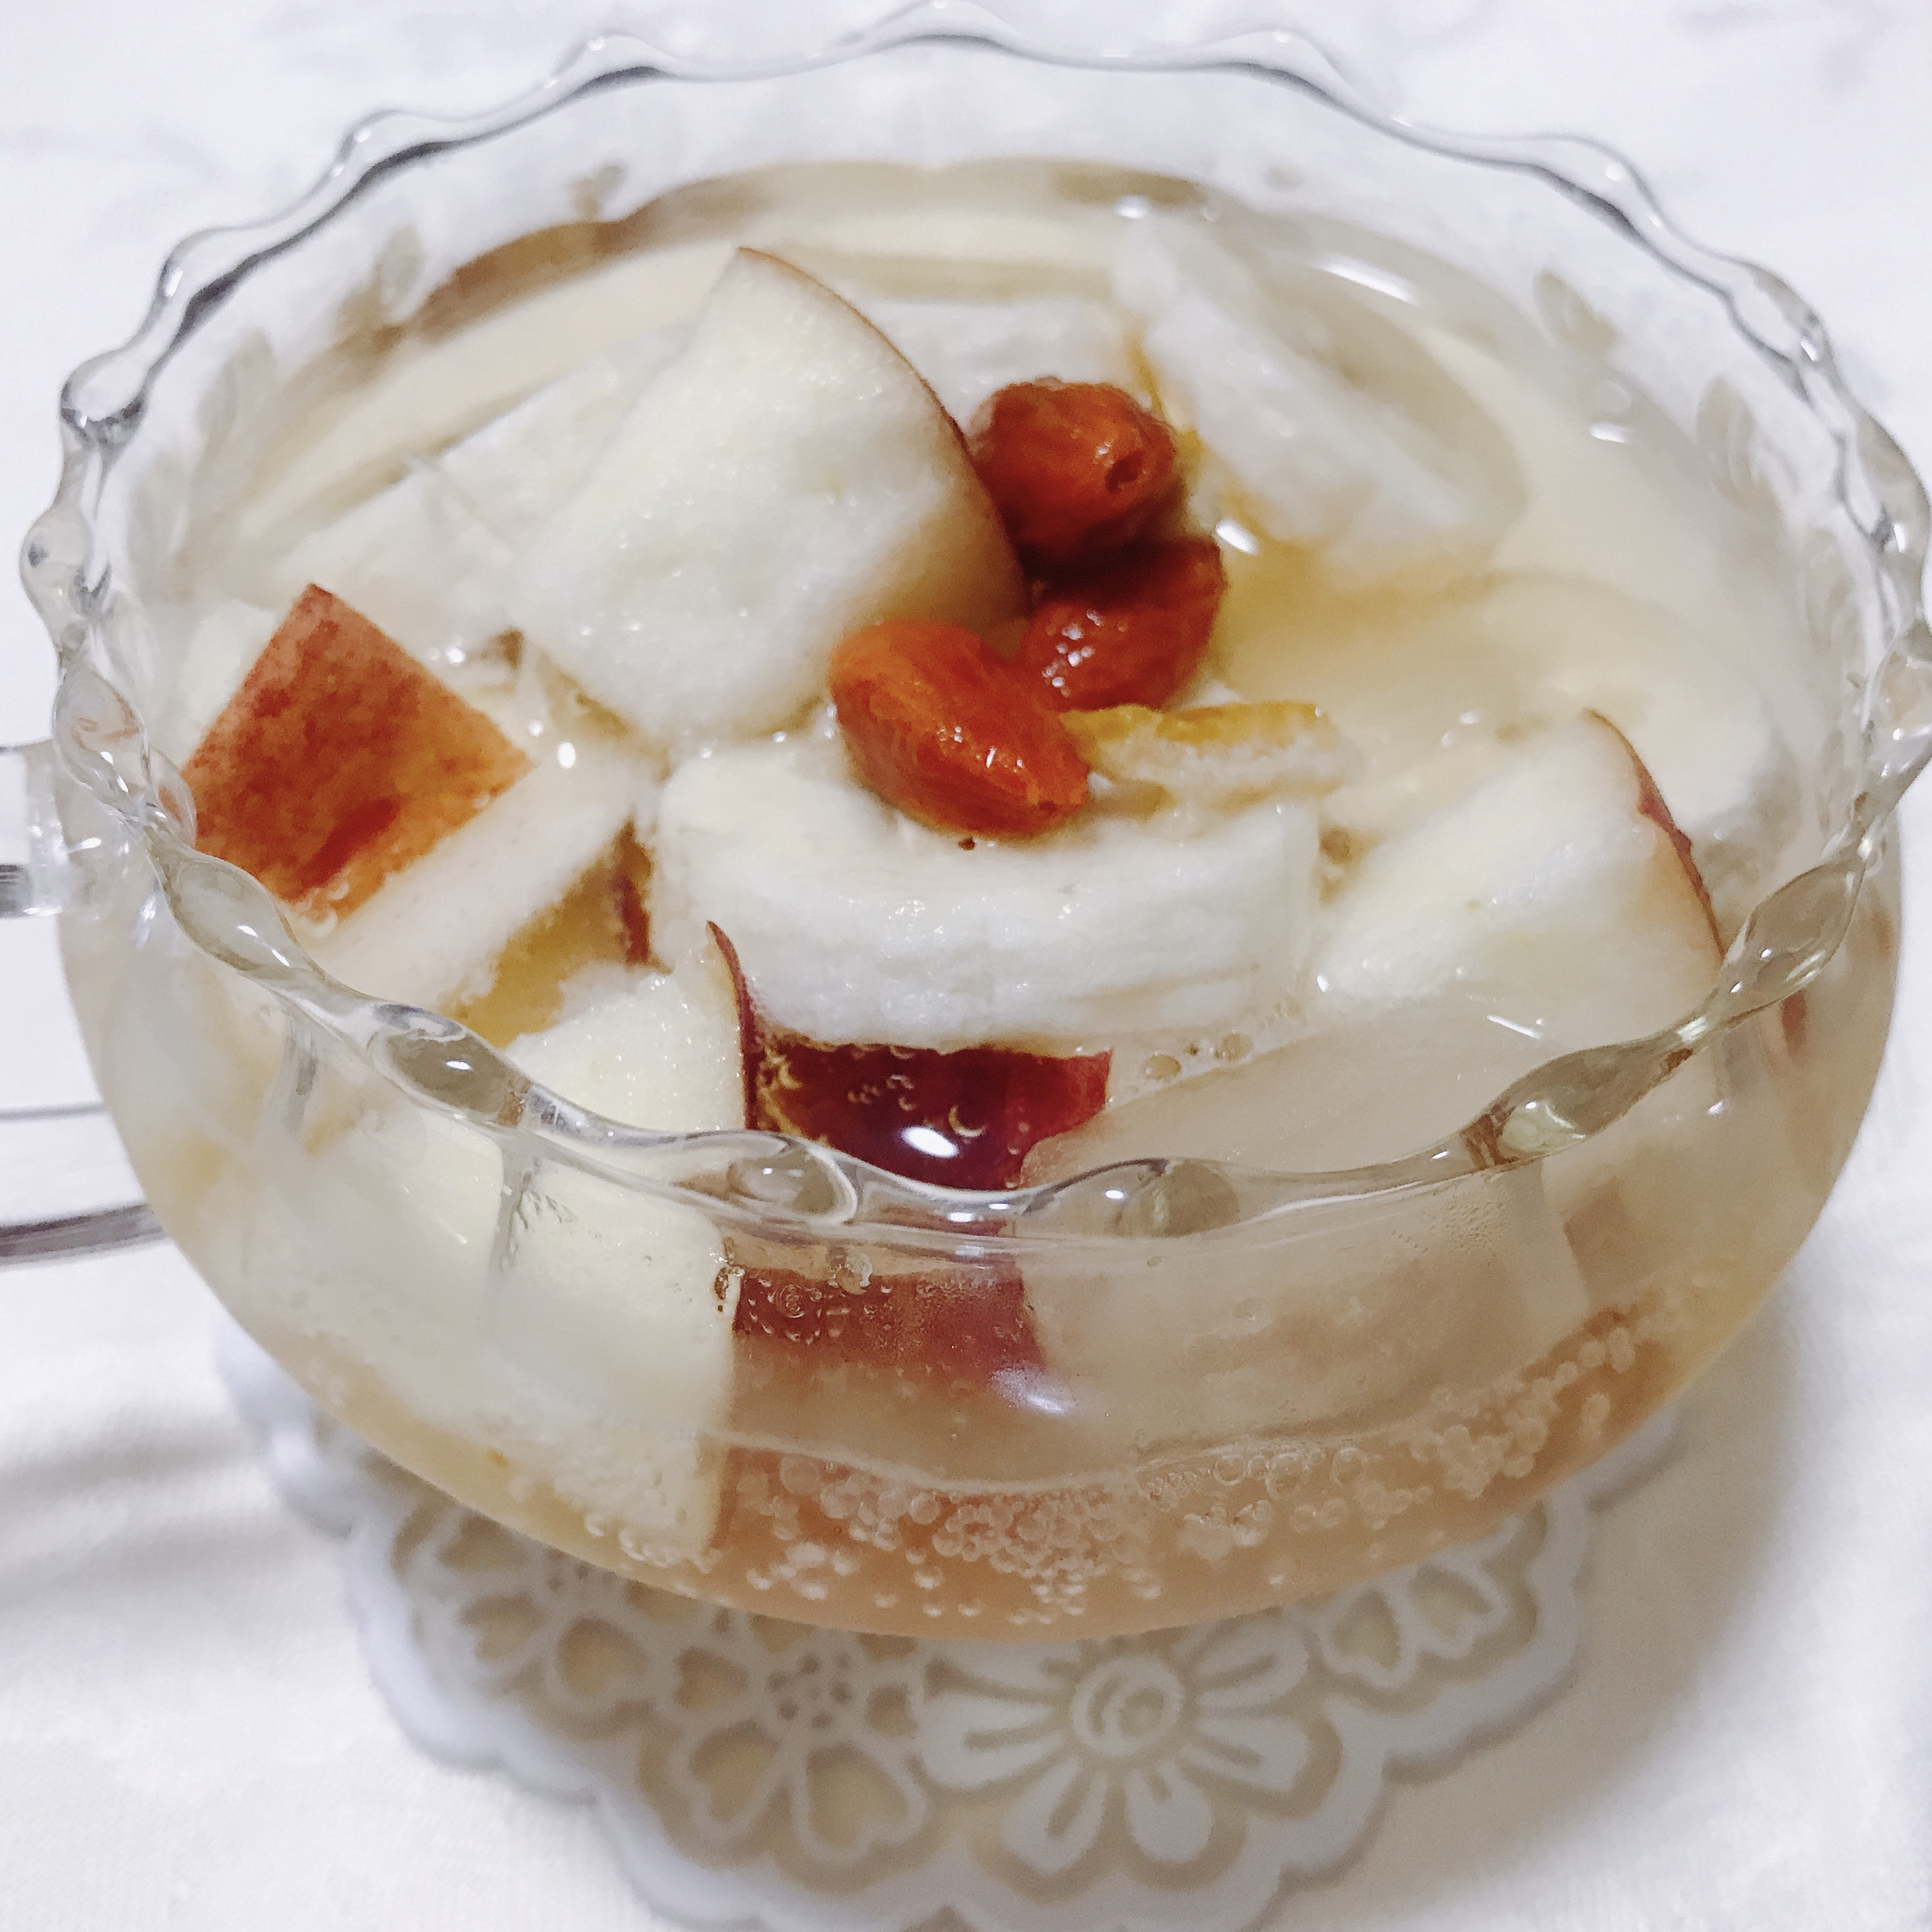 美漢茶リメイクレシピマチュドニア